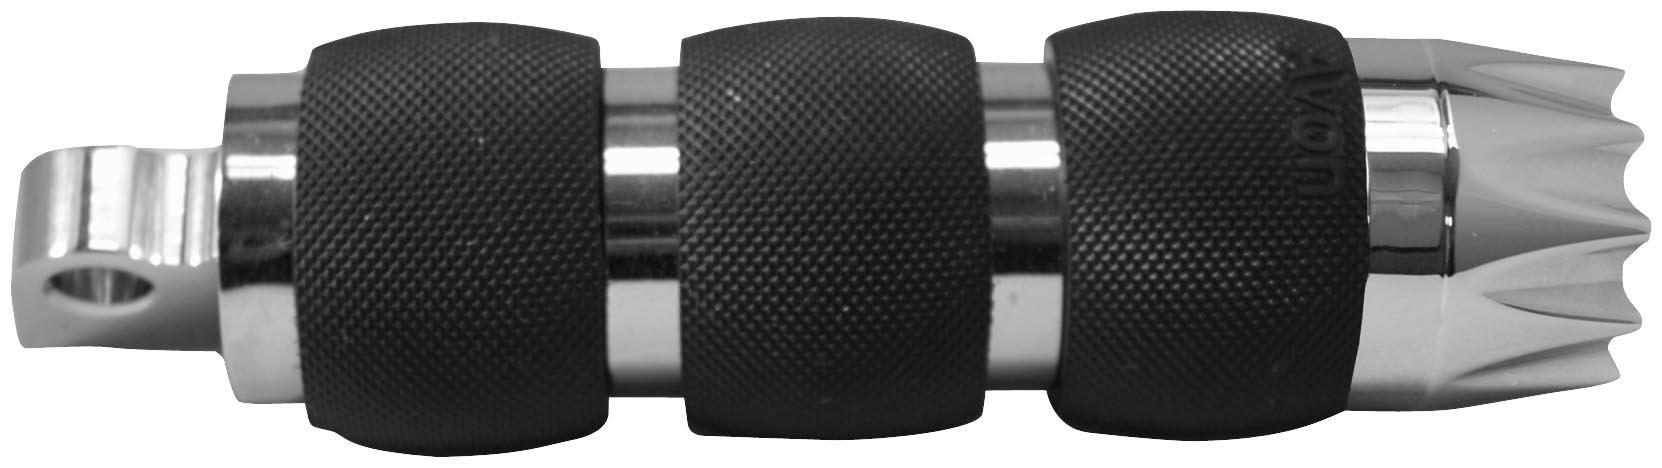 Avon Grips Chrome Air Cushion Excalibur Folding Footpegs FP-AIR-90-CH-EX